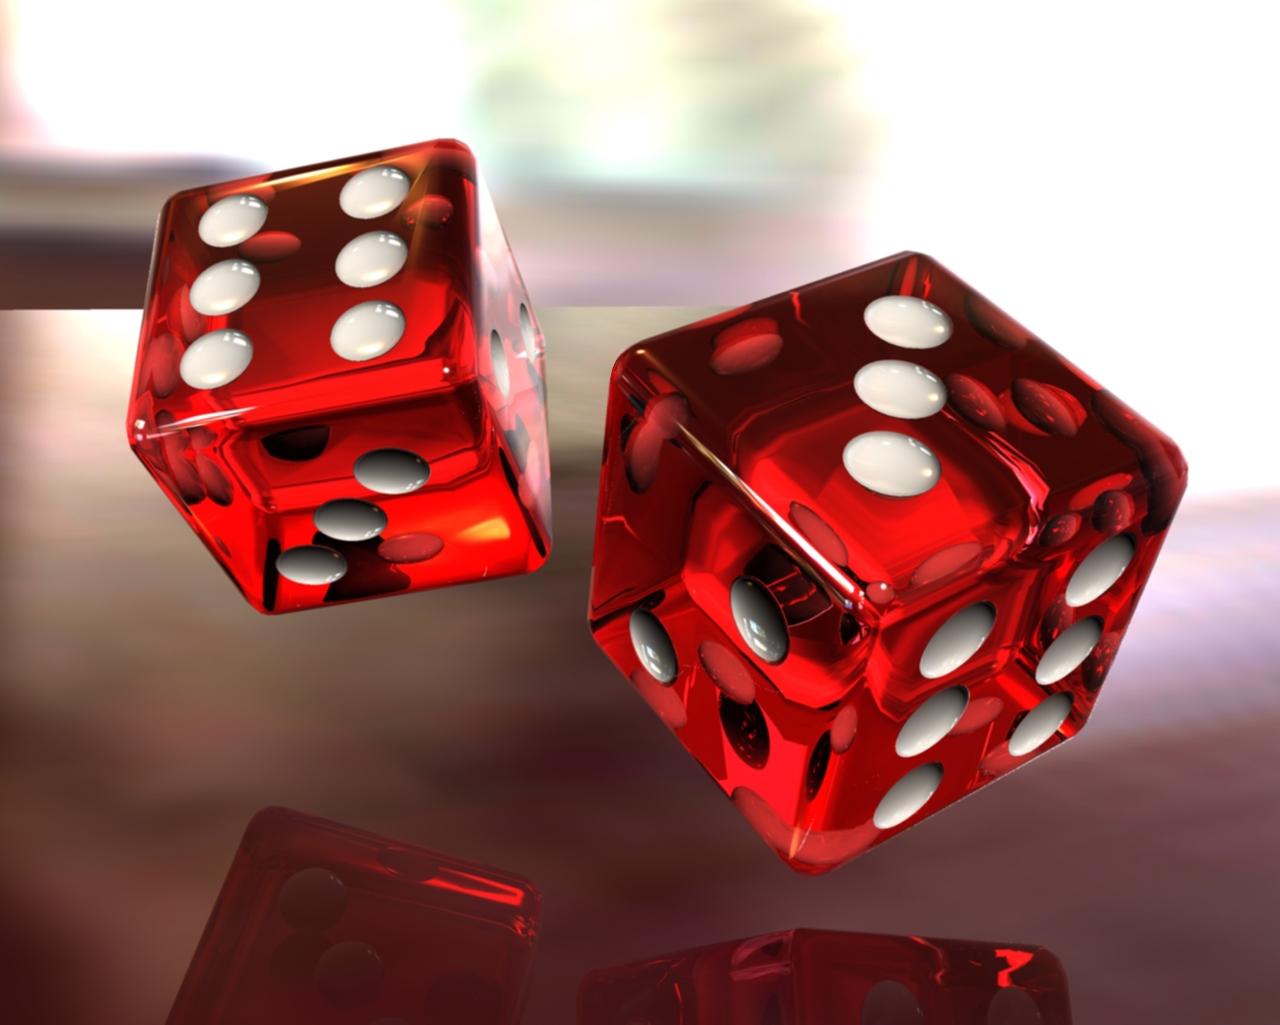 手機的108746屏保和壁紙游戏。 免費下載 3D, 骨头, 游戏, 立方体, 红色的, 白色的, 玻璃 圖片